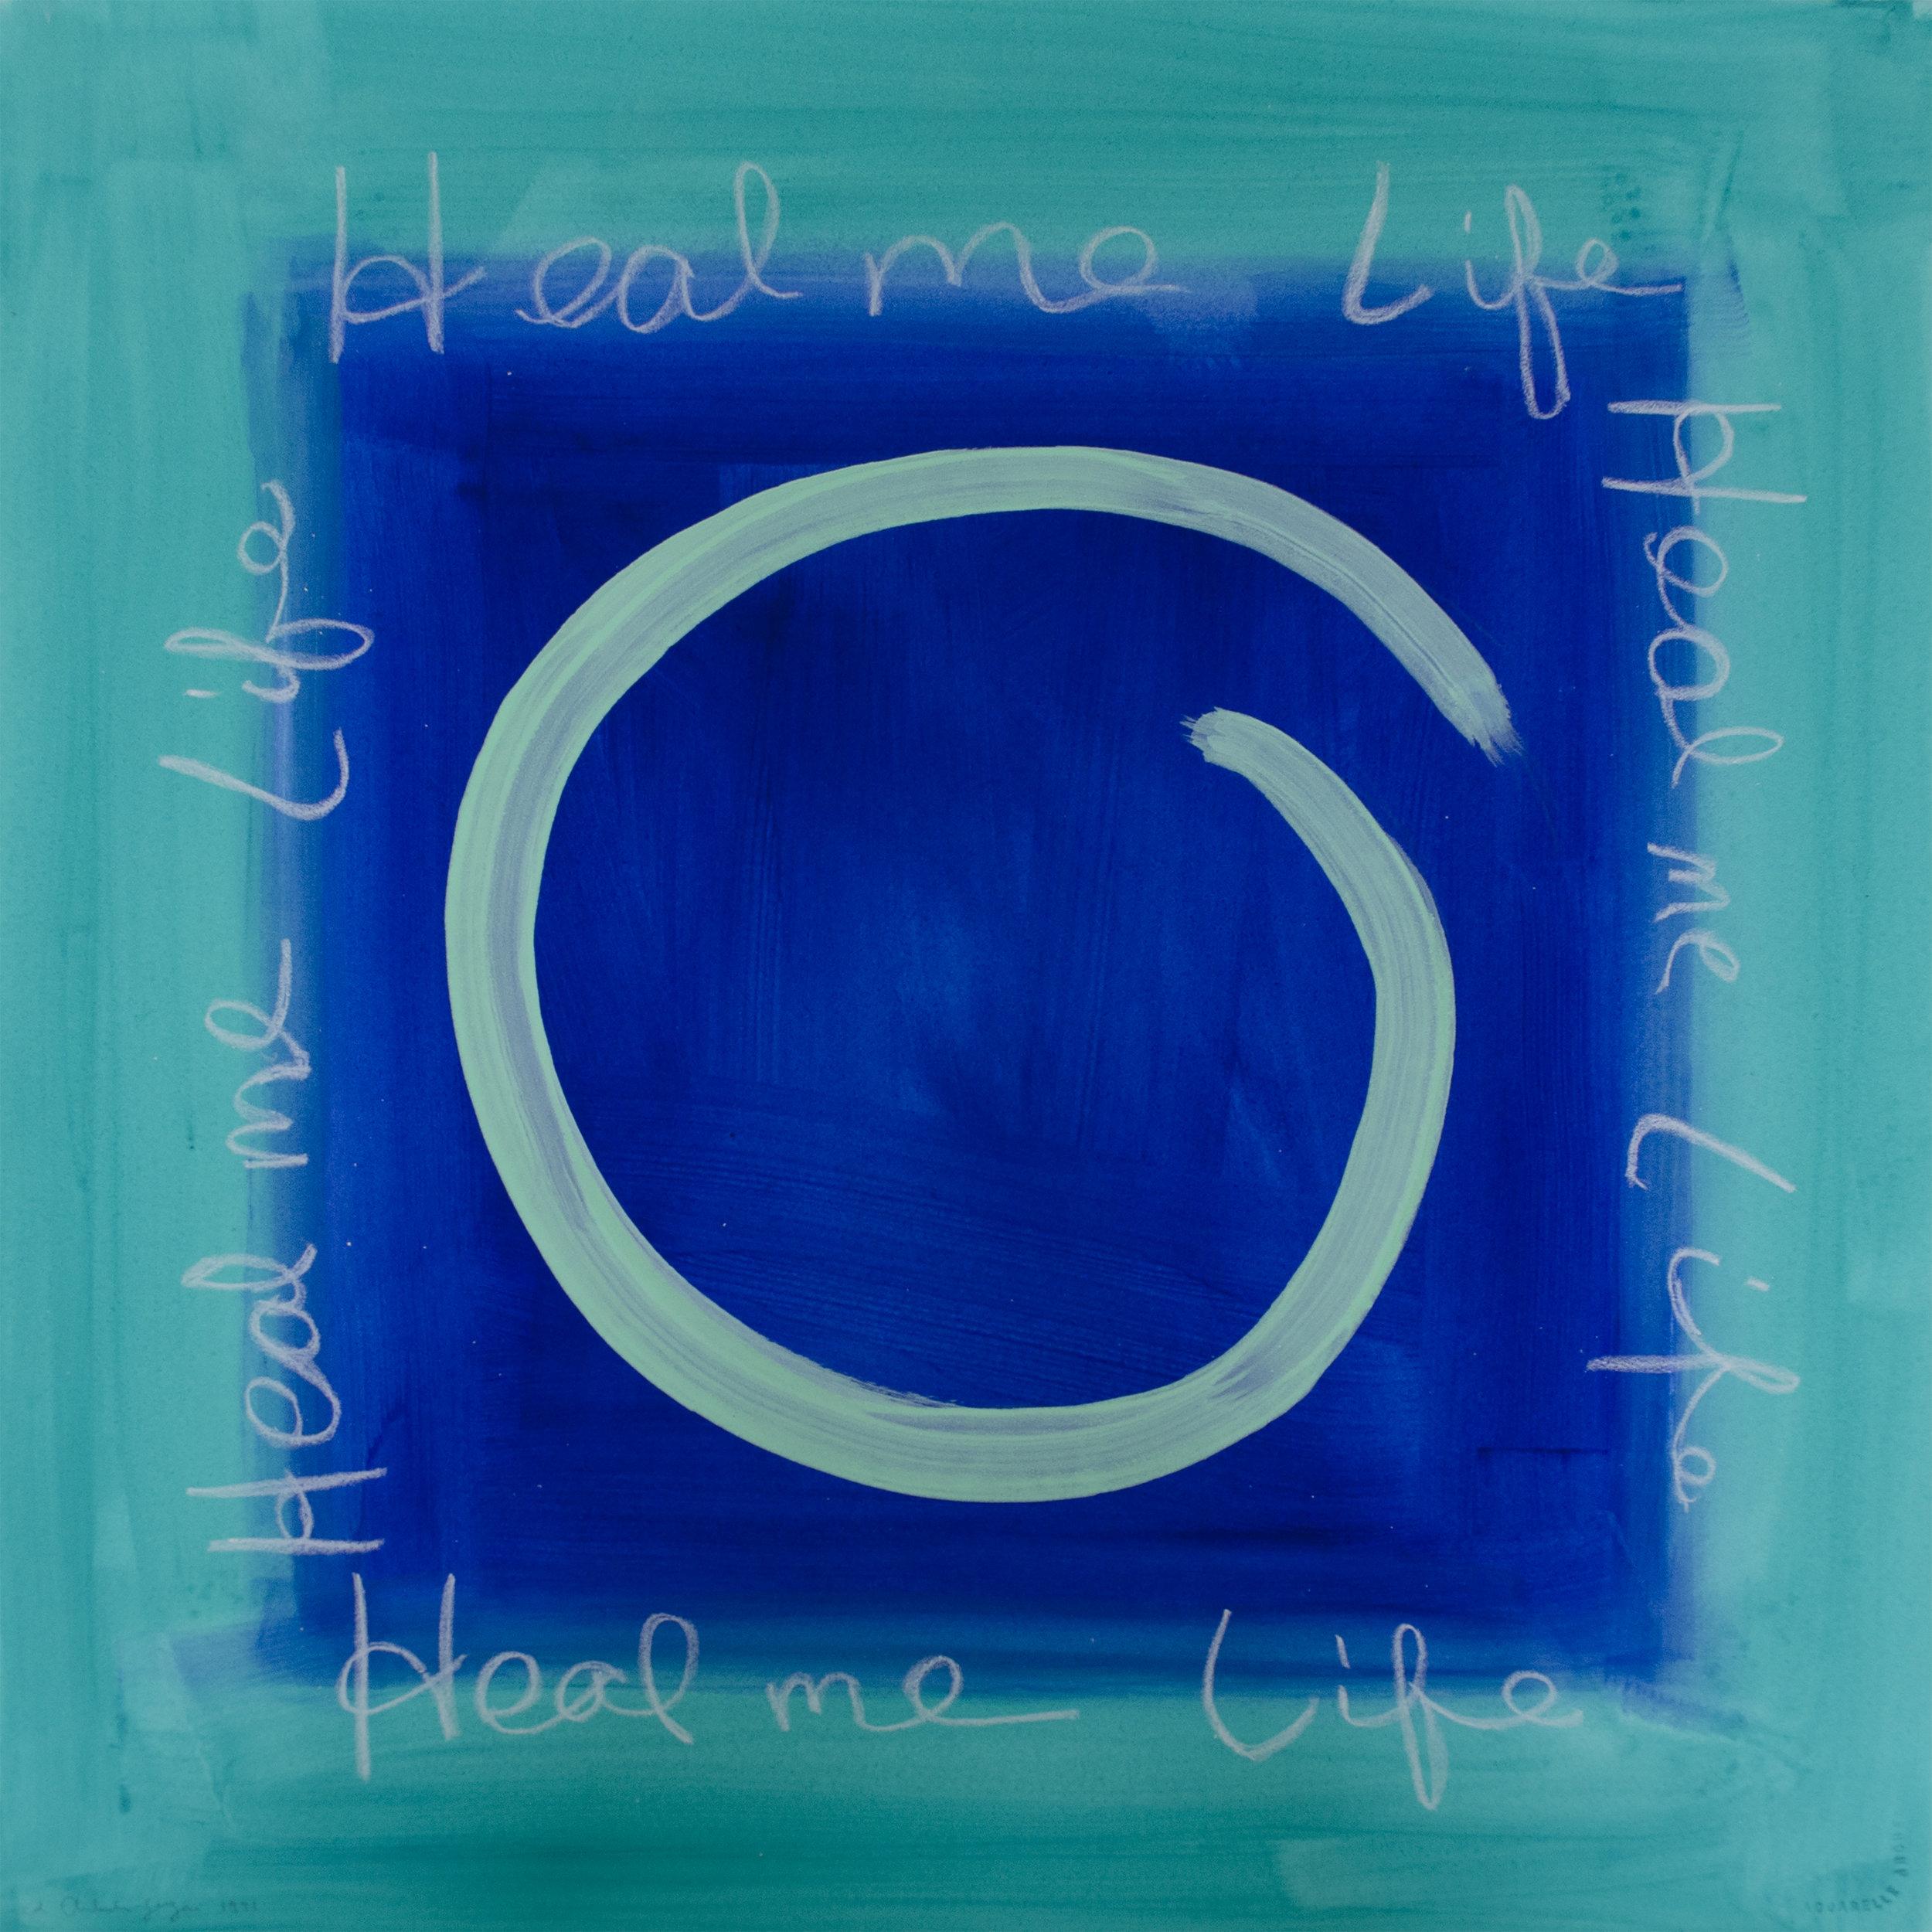 Heal me life, 1991